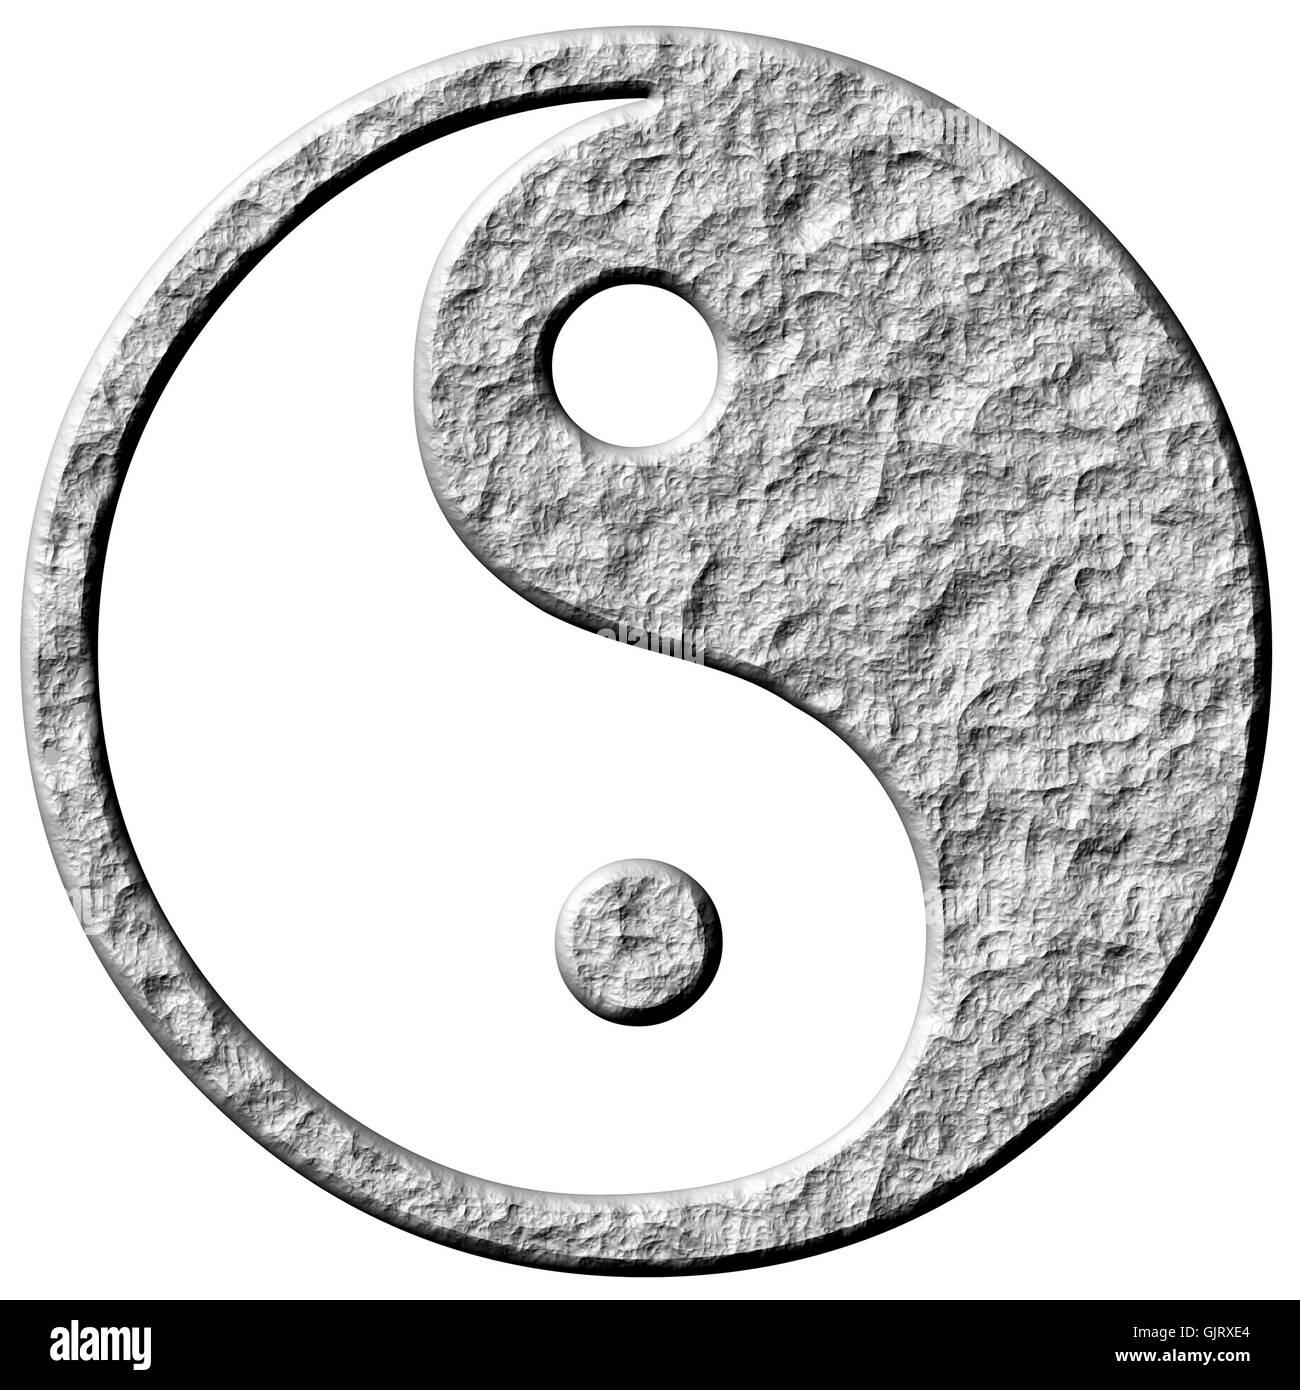 Spirituelle Zeichen Symbol Stockfoto Bild 114851692 Alamy